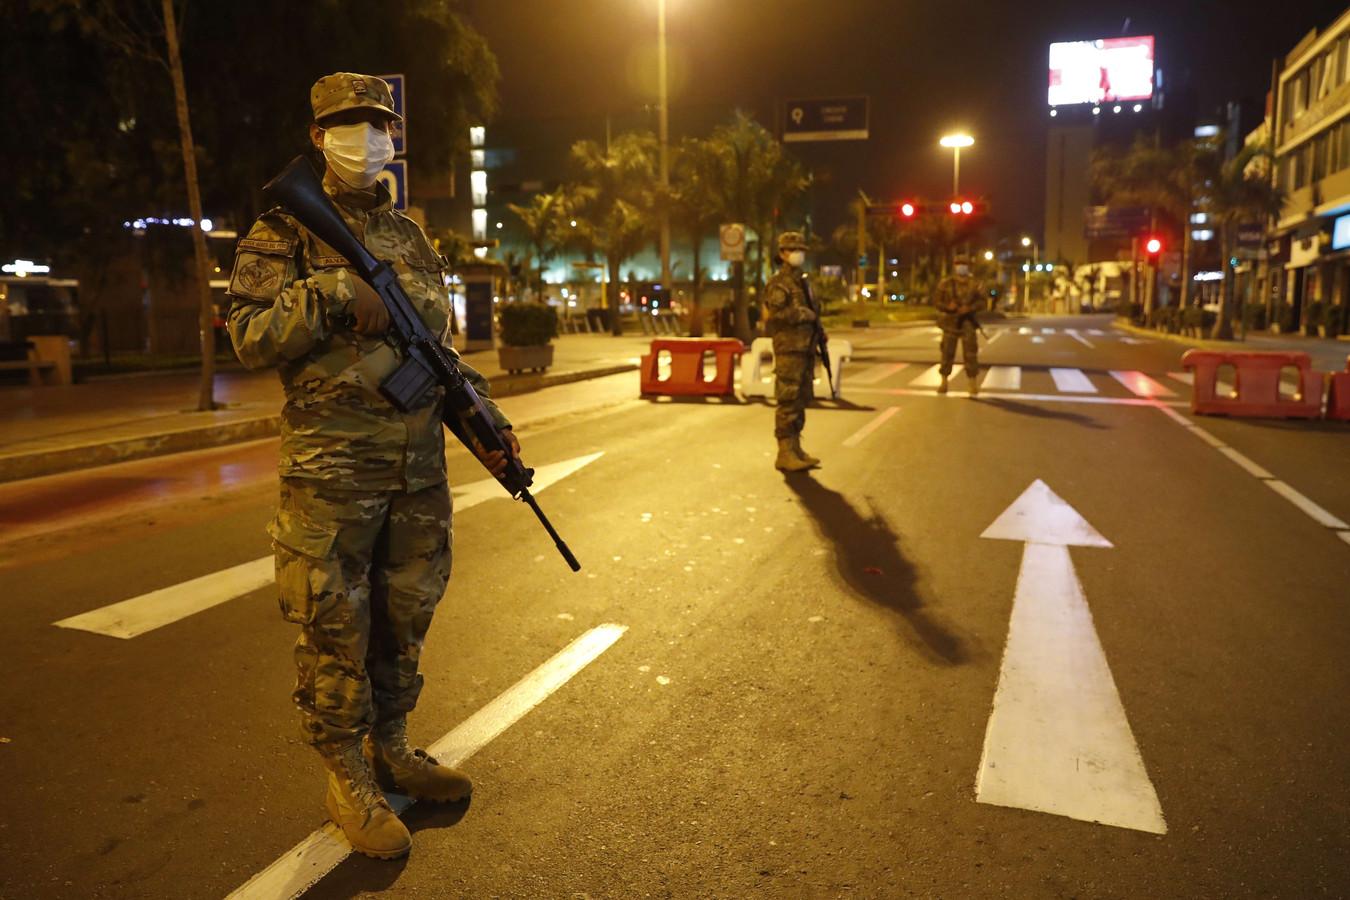 Op elke hoek van de straat staat wel een militair, zeggen gestrande toeristen in Peru.